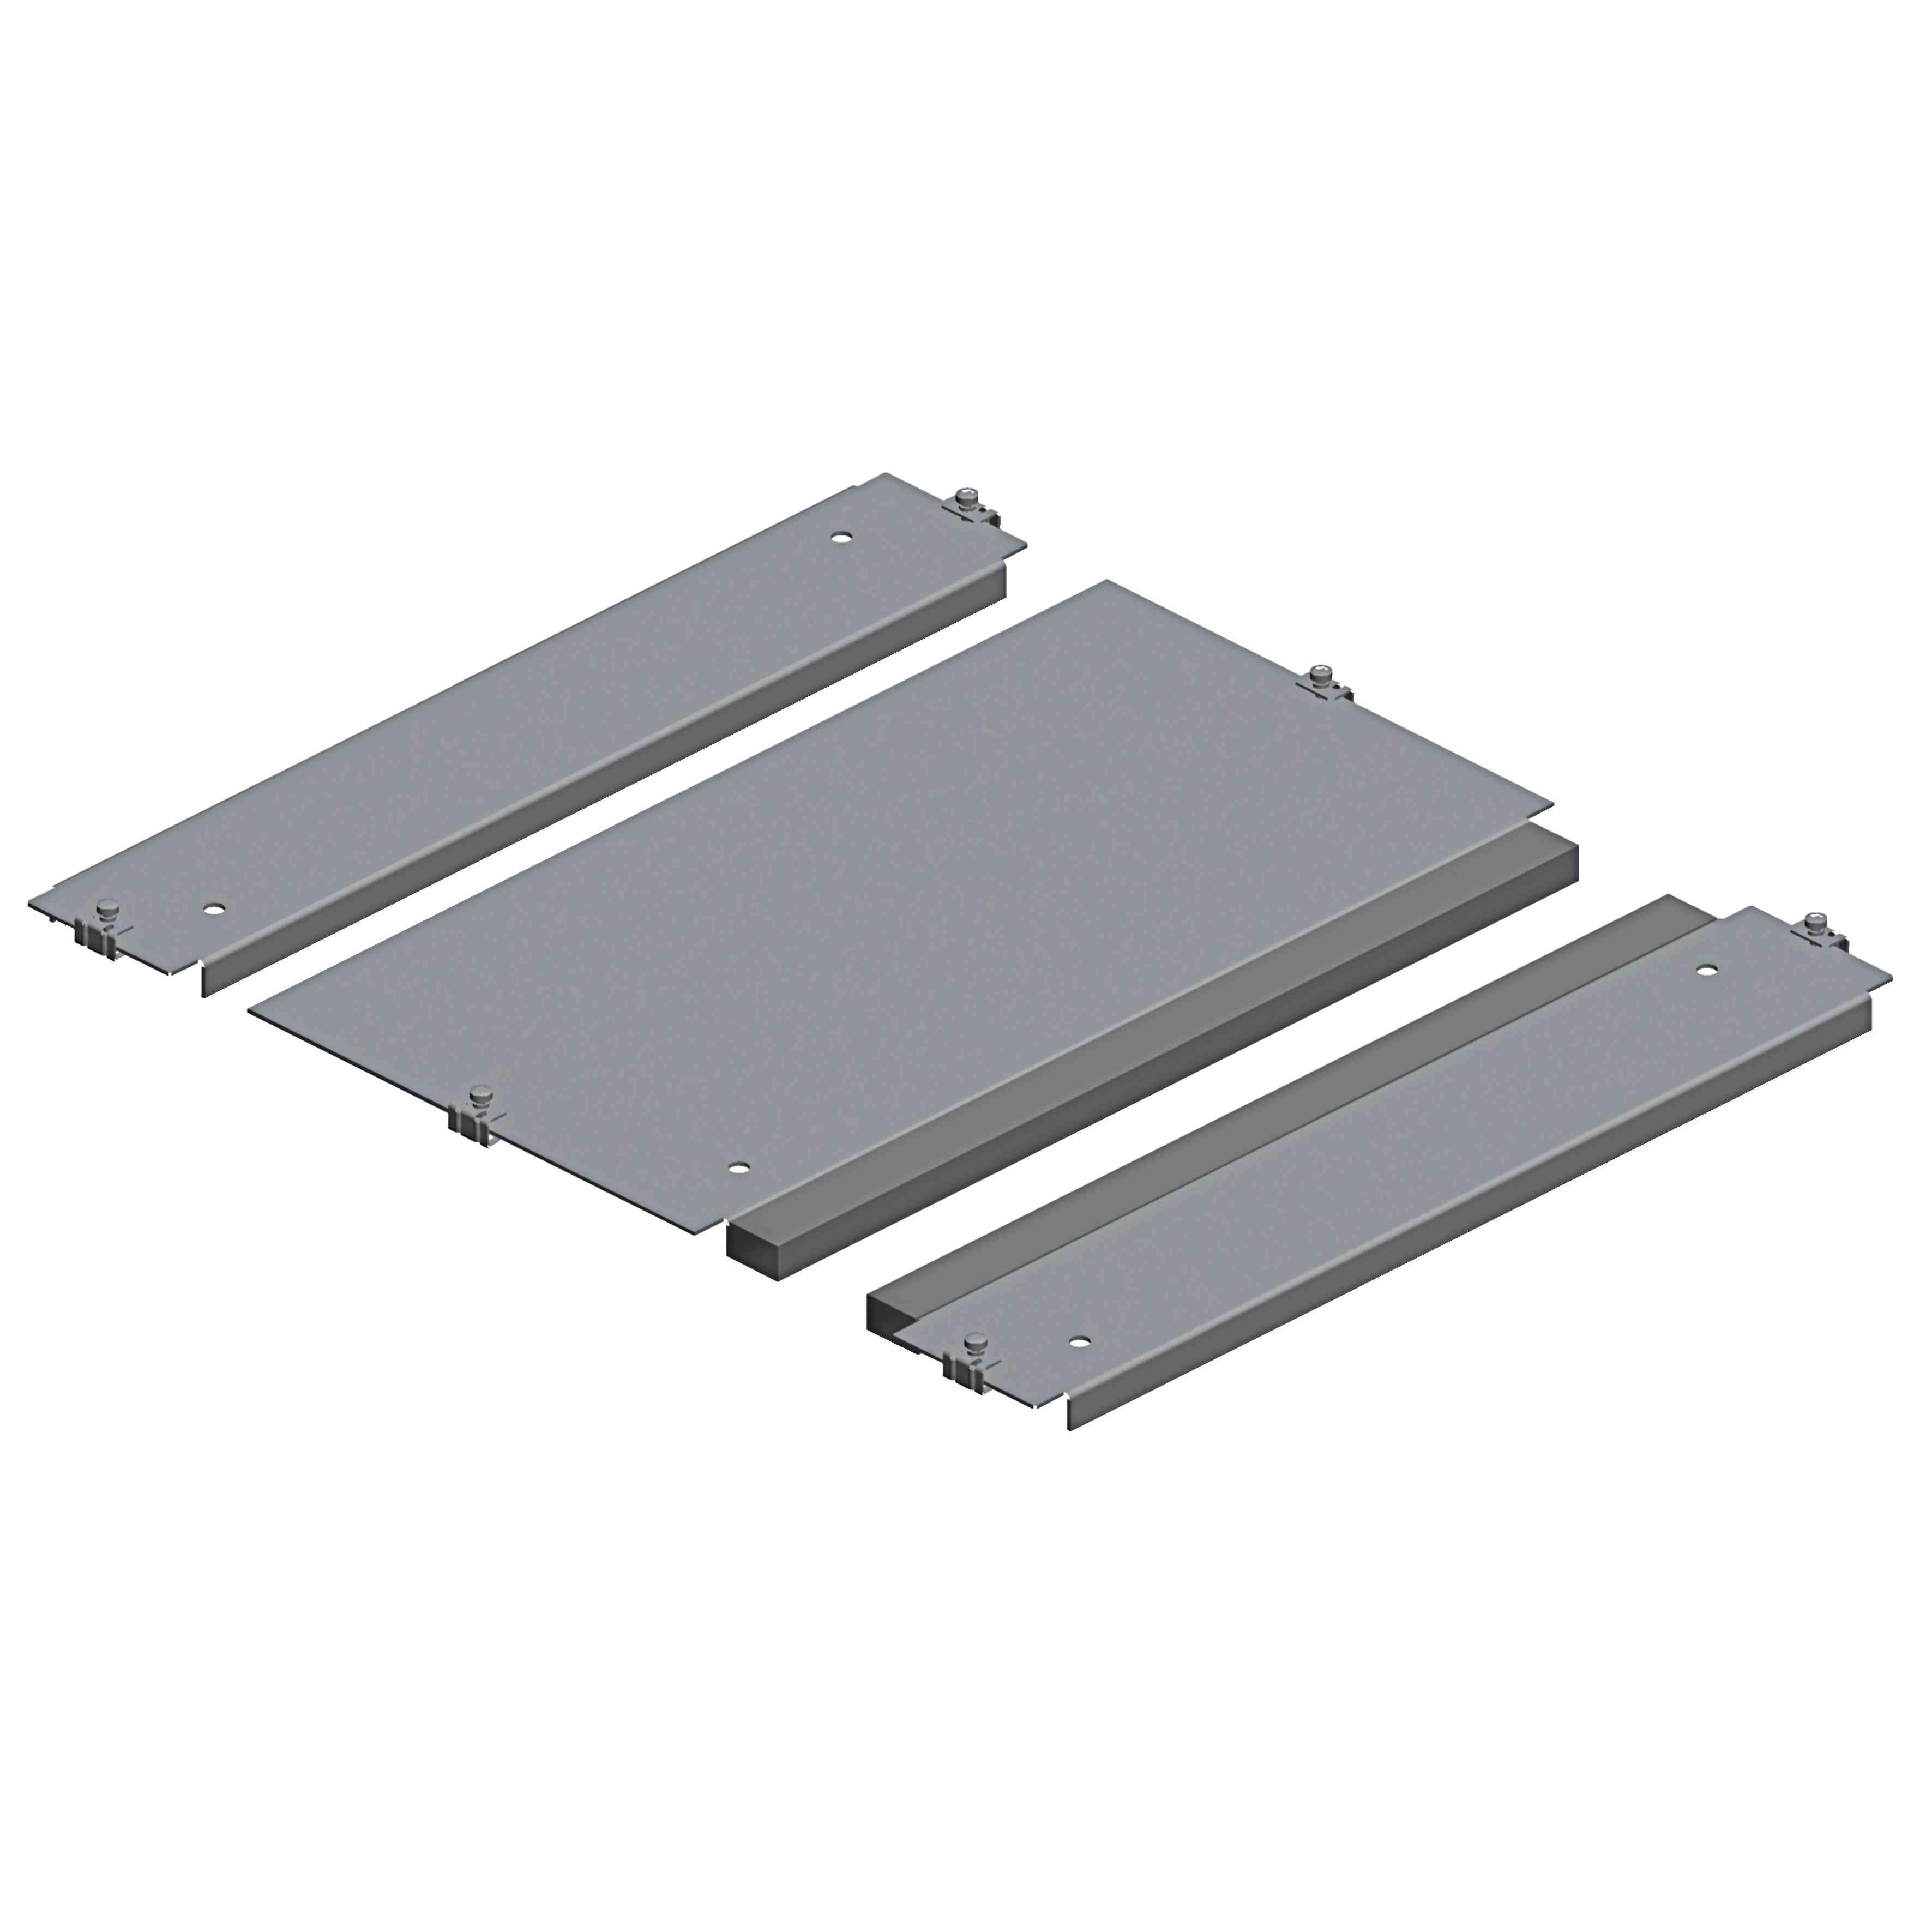 Spacial SF 1 plošča tesnilke vhod. kabla - pritrjena s sponkami - 700 x 800 mm